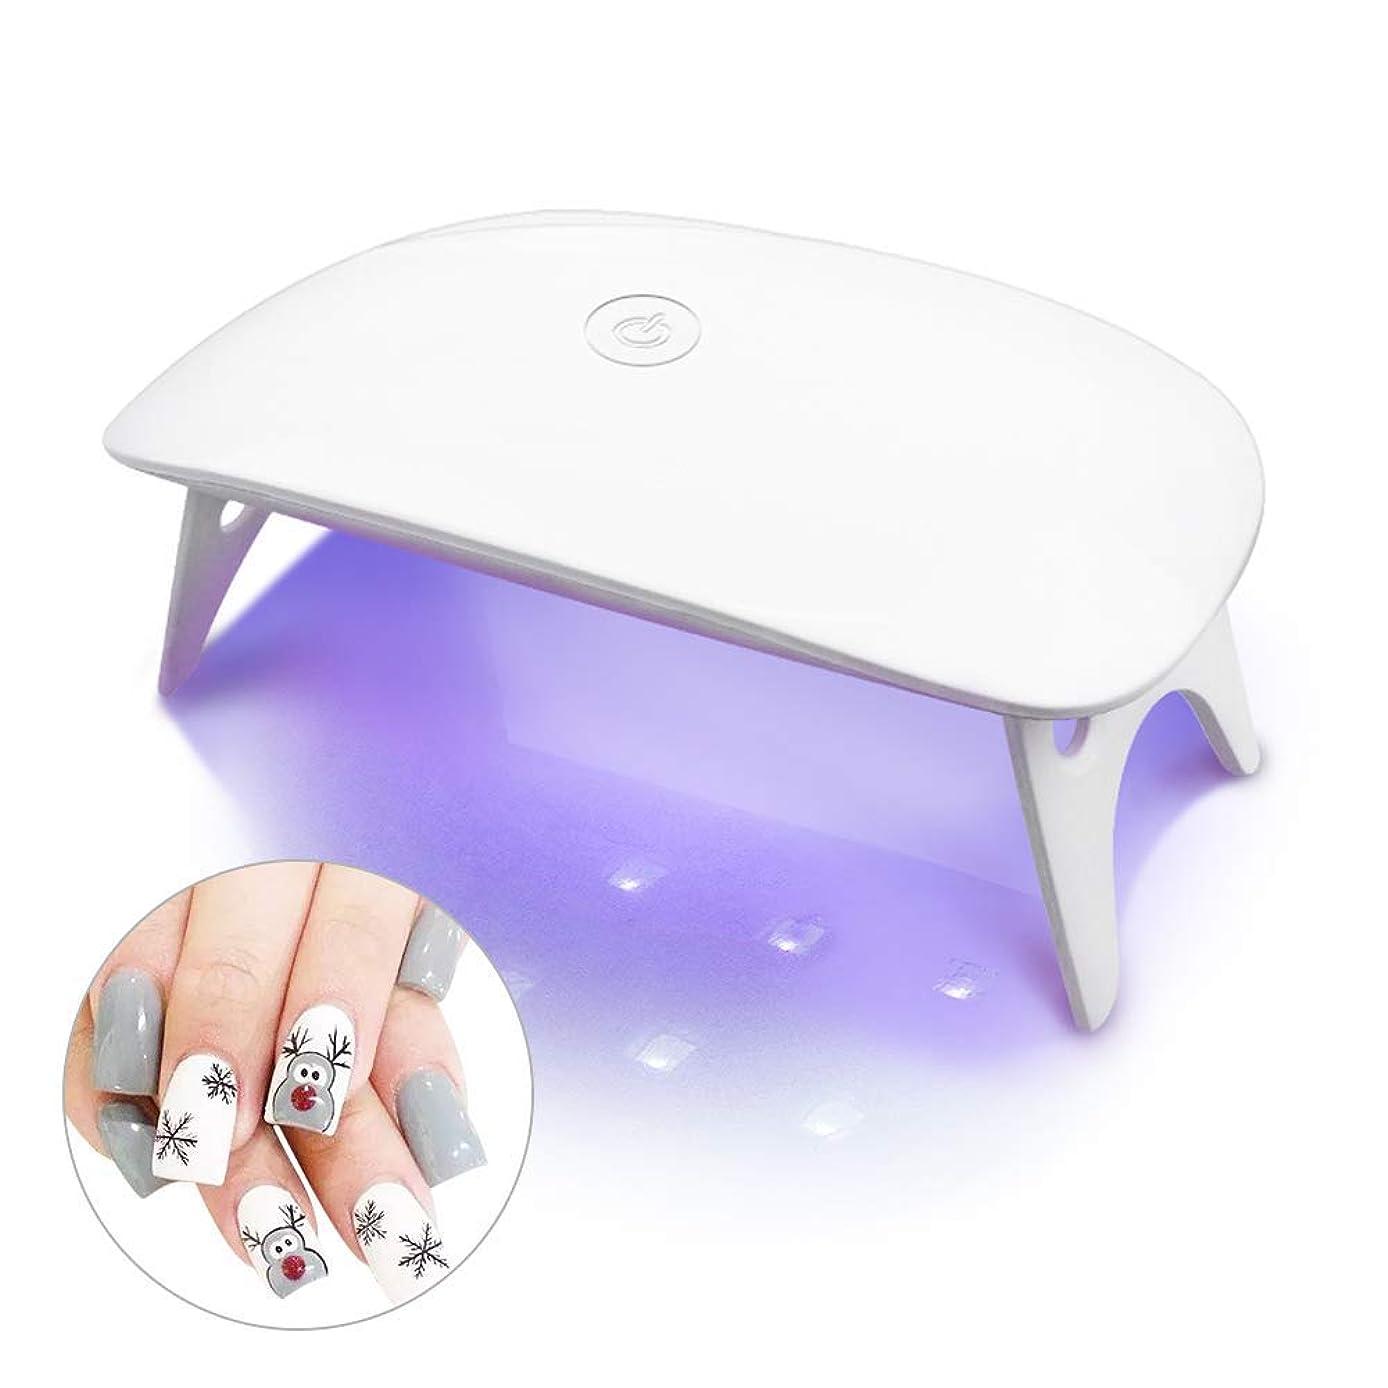 レイア代表球体LEDネイルドライヤー UVライト タイマー設定可能 折りたたみ式 ジェルネイル用 ホワイト